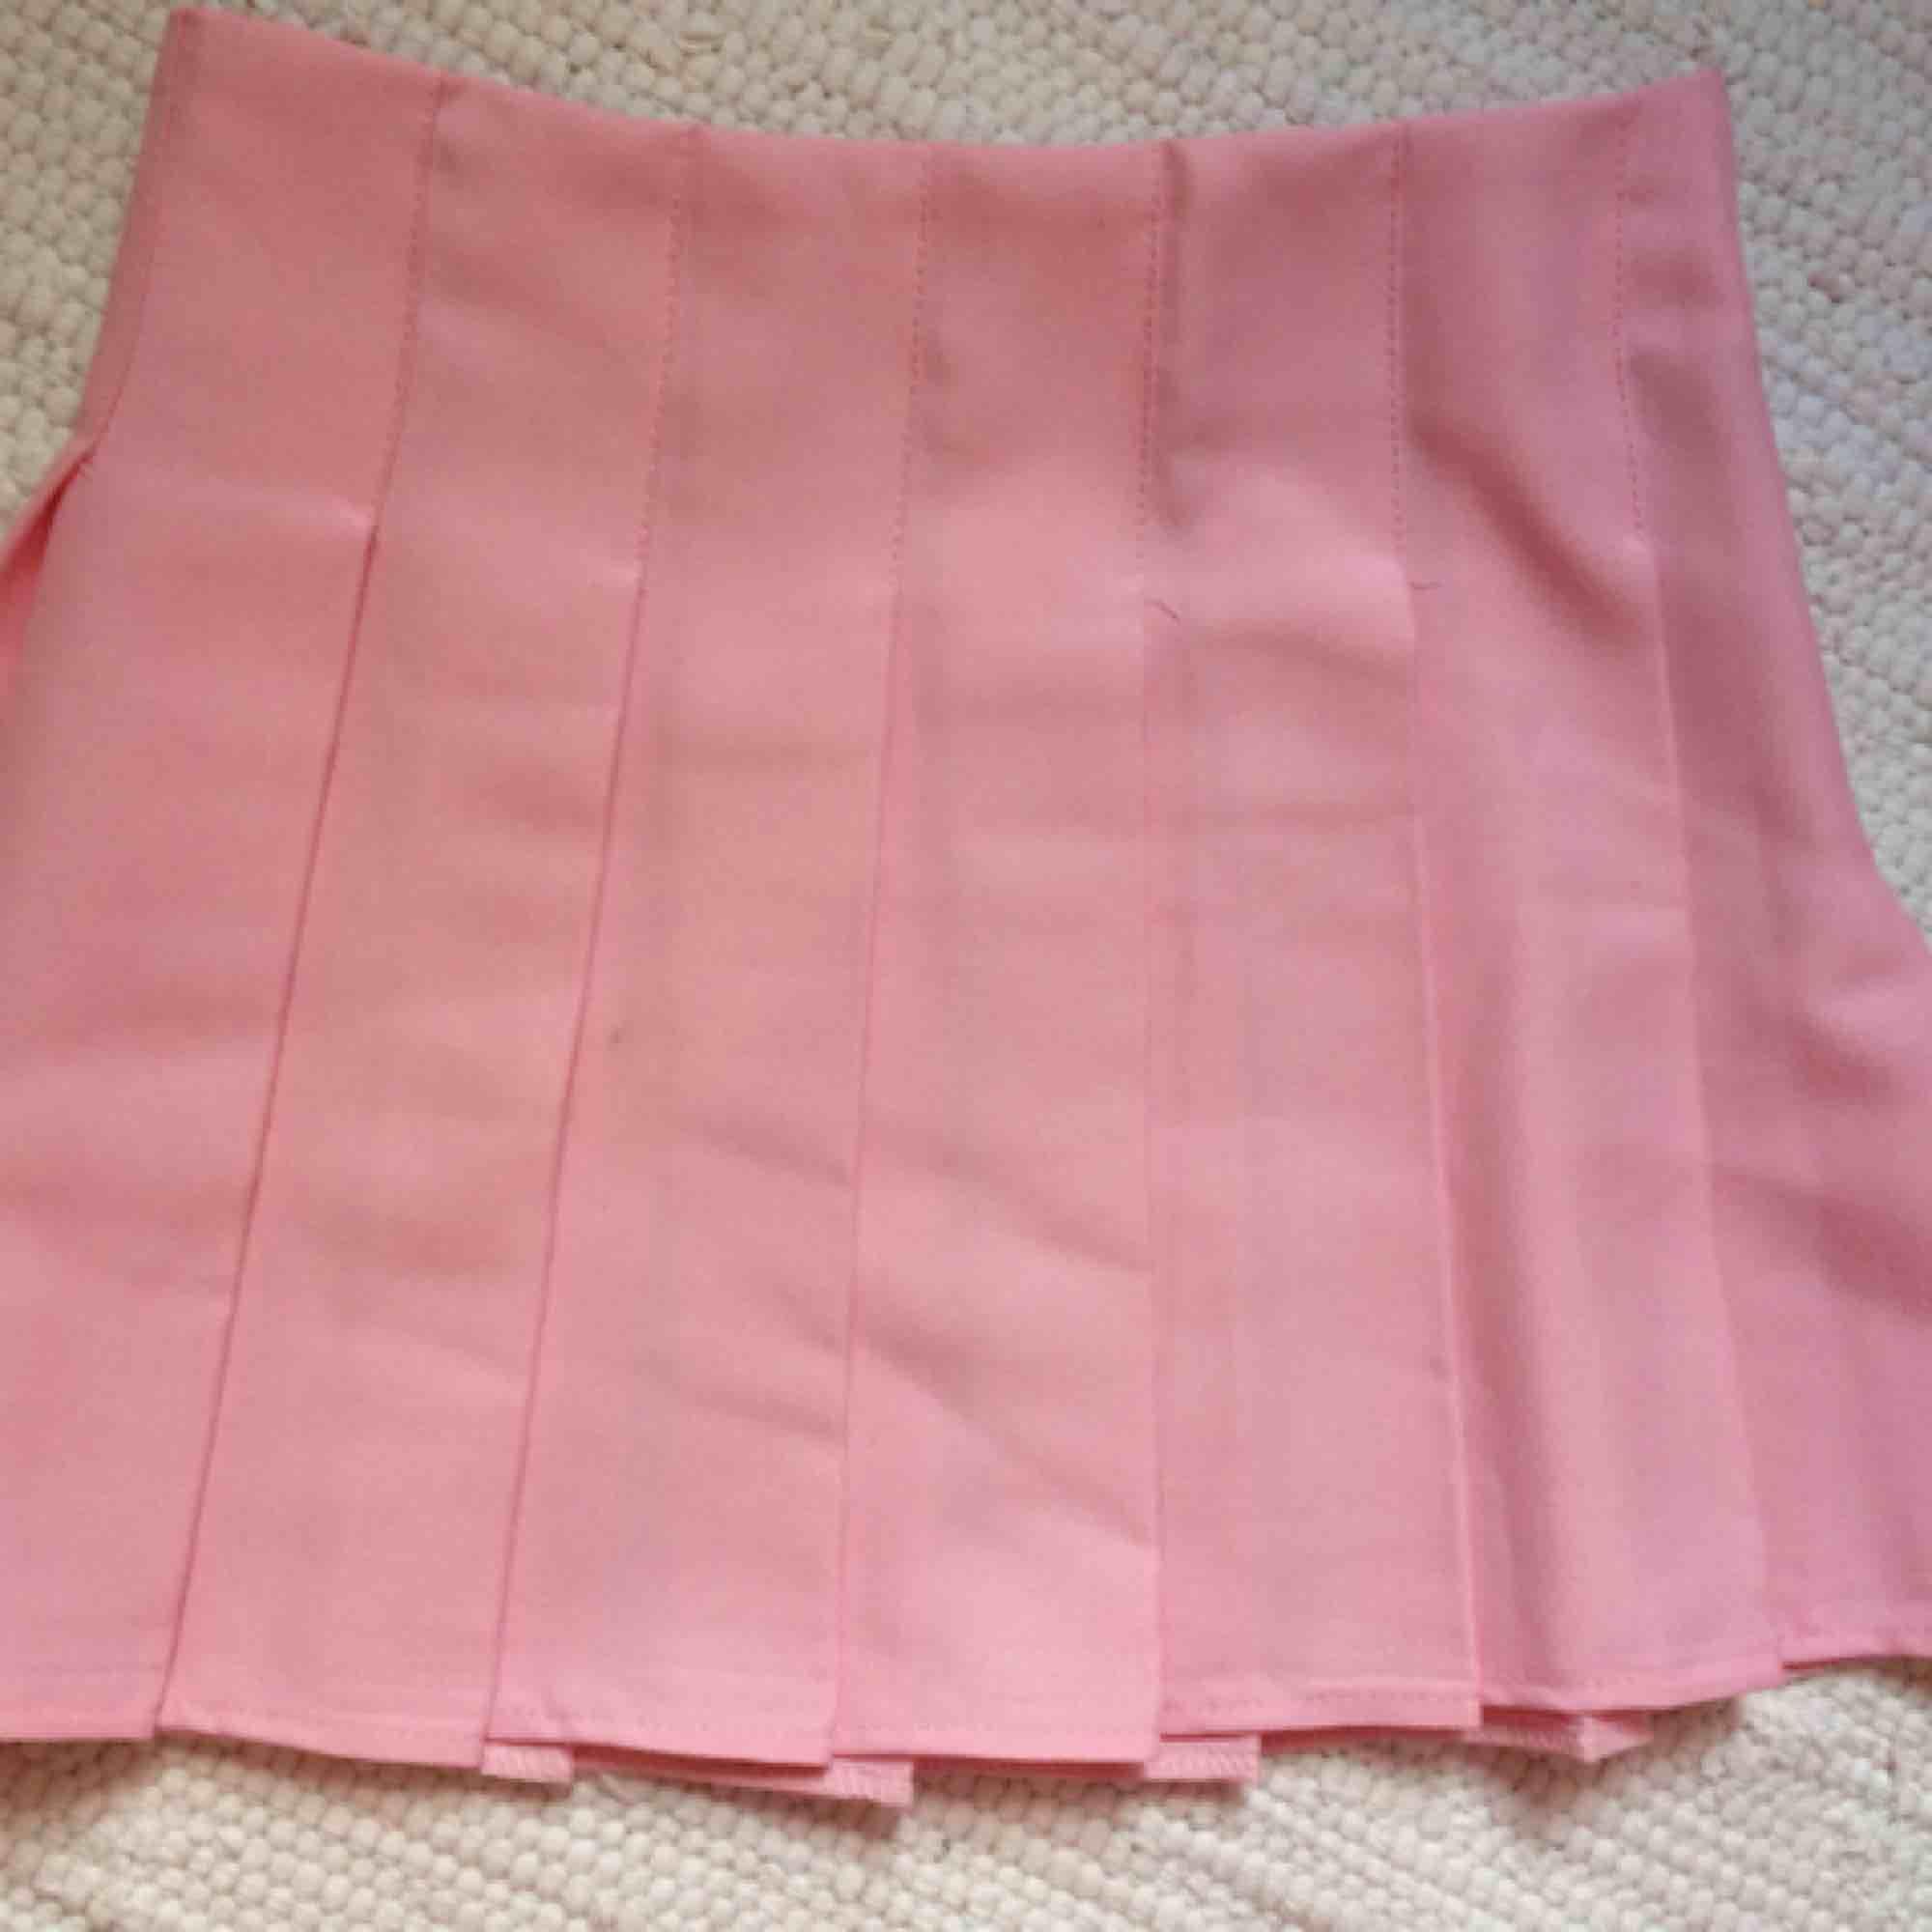 Rosa veckad kjol, aldrig använd eftersom den var för stor. Storlek S. Kjolar.